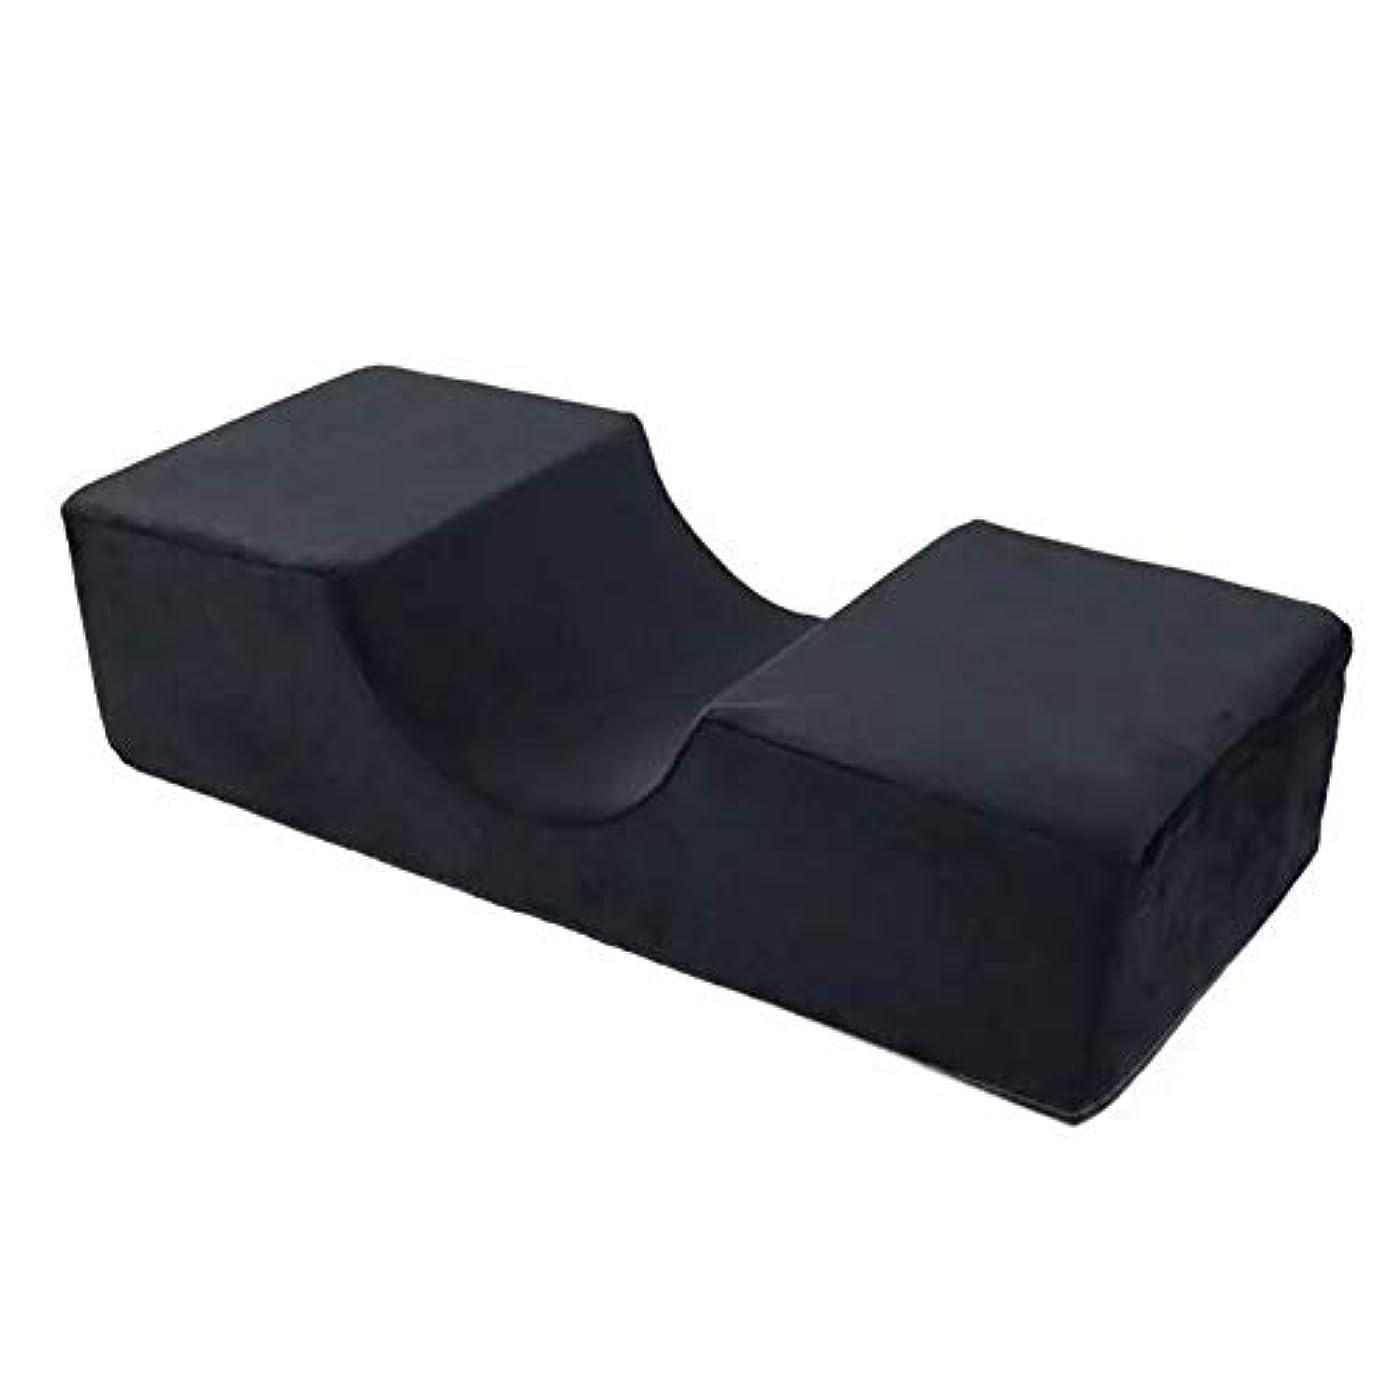 タッチ治す見つけるまつげ枕シンプルツールサロン使用ネックフランネルエイドエクステンションカーブスタンドサポート特別なグラフトプロフェッショナルメモリフォーム人間工学に基づいた